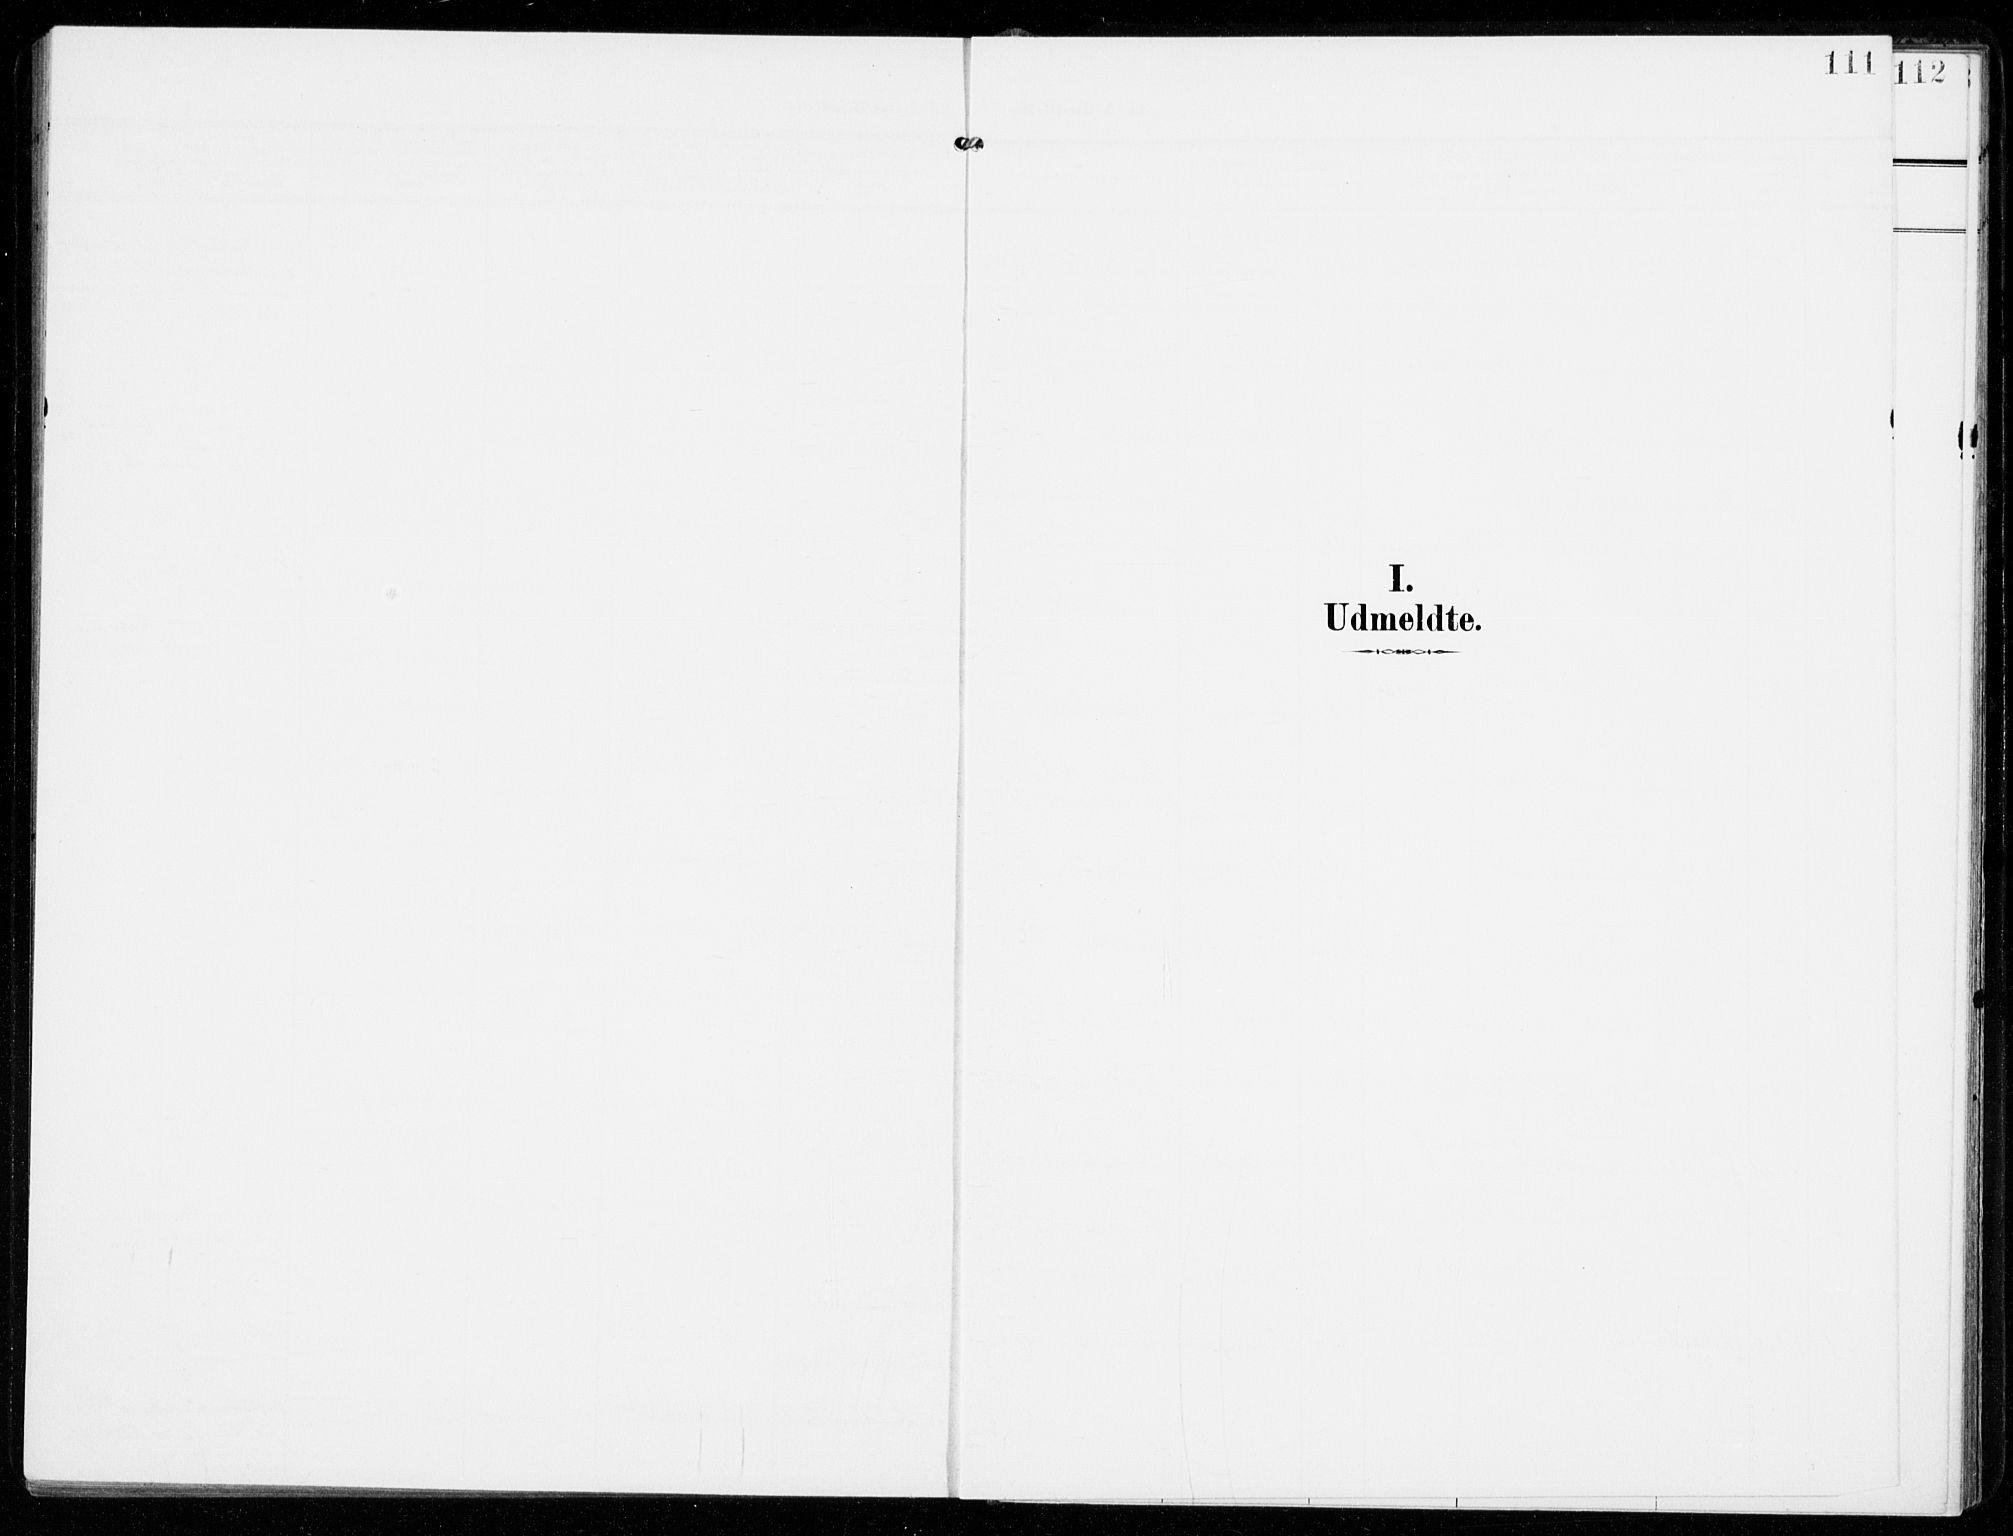 SAKO, Sandar kirkebøker, F/Fa/L0019: Ministerialbok nr. 19, 1908-1914, s. 111